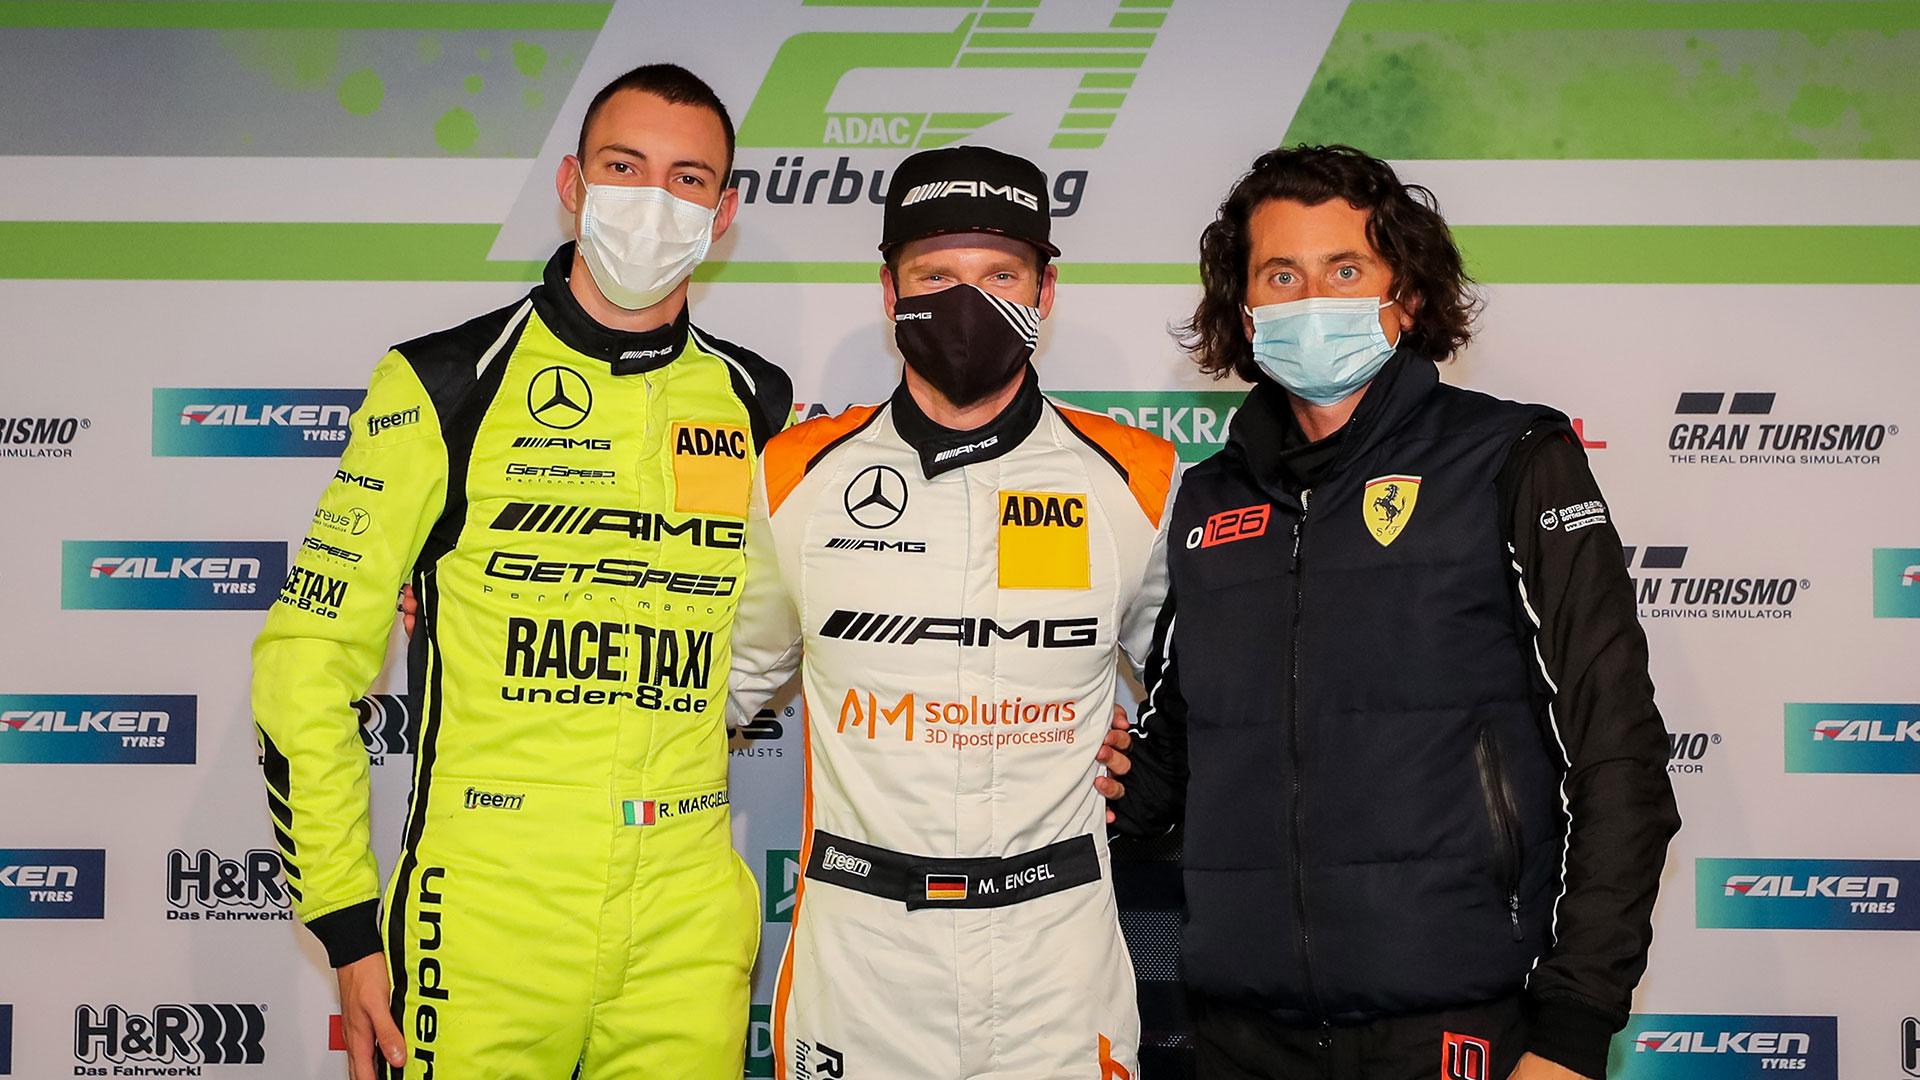 Das sagen die schnellsten drei Fahrer nach dem Qualifying